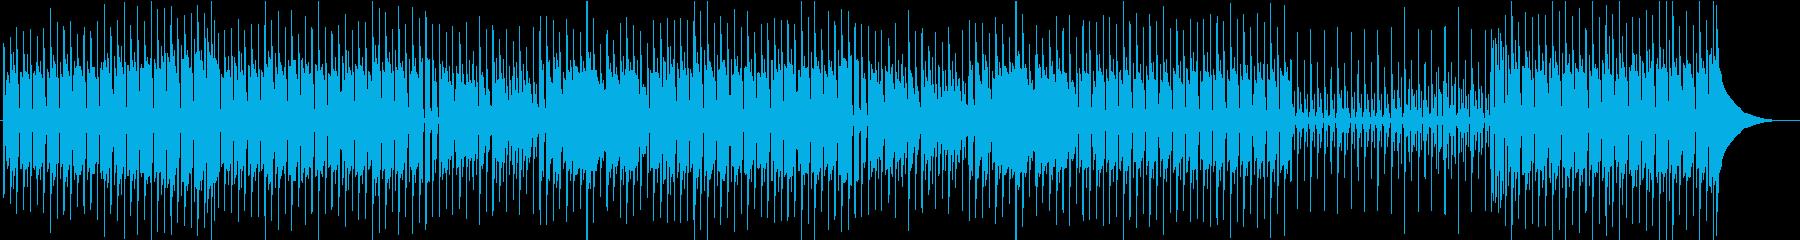 少しコミカルで落ち着いたBGMの再生済みの波形